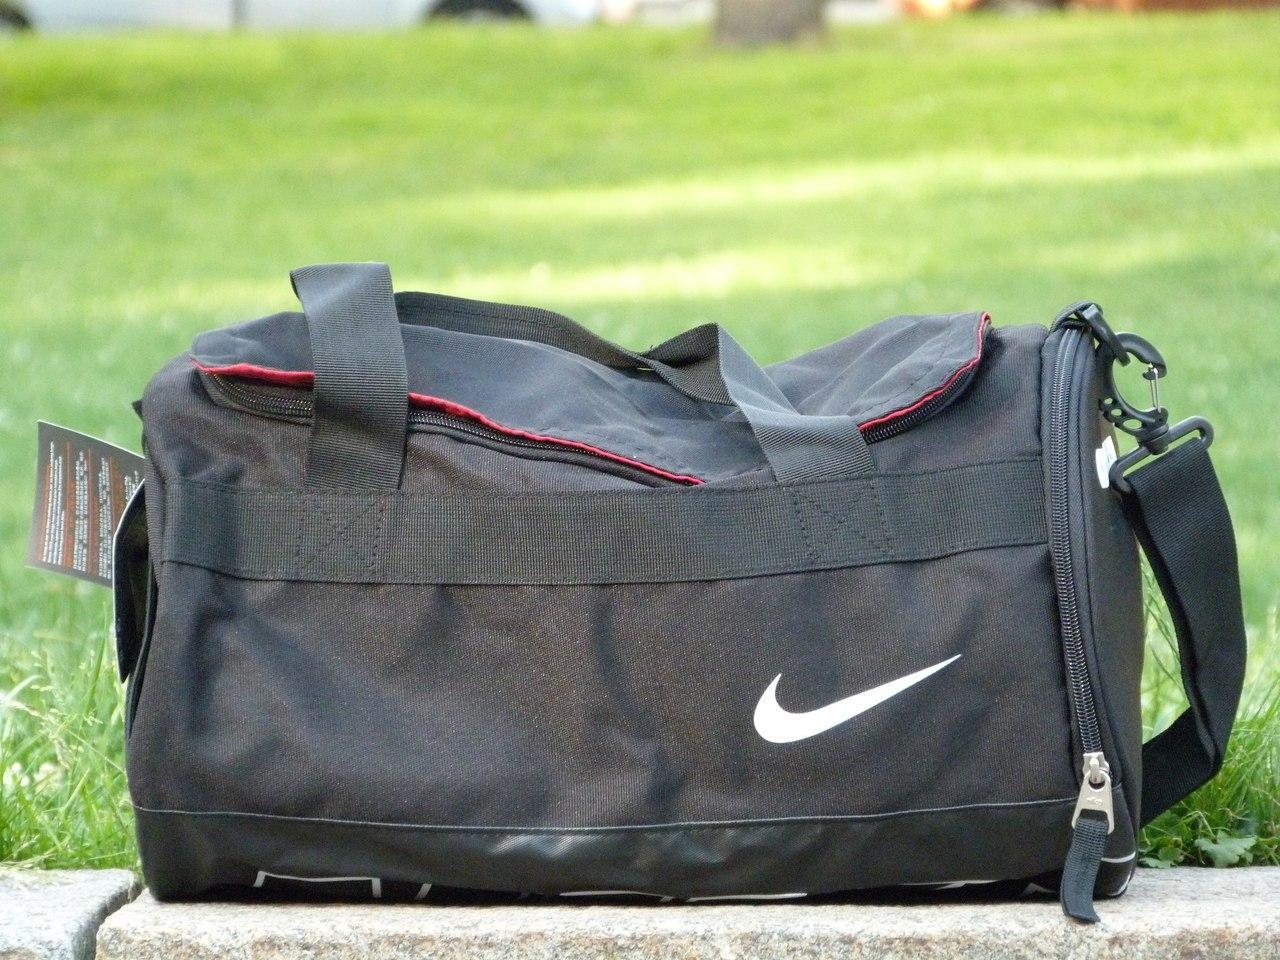 3f7c21be5805 Спортивная мужская сумка Nike (реплика) -